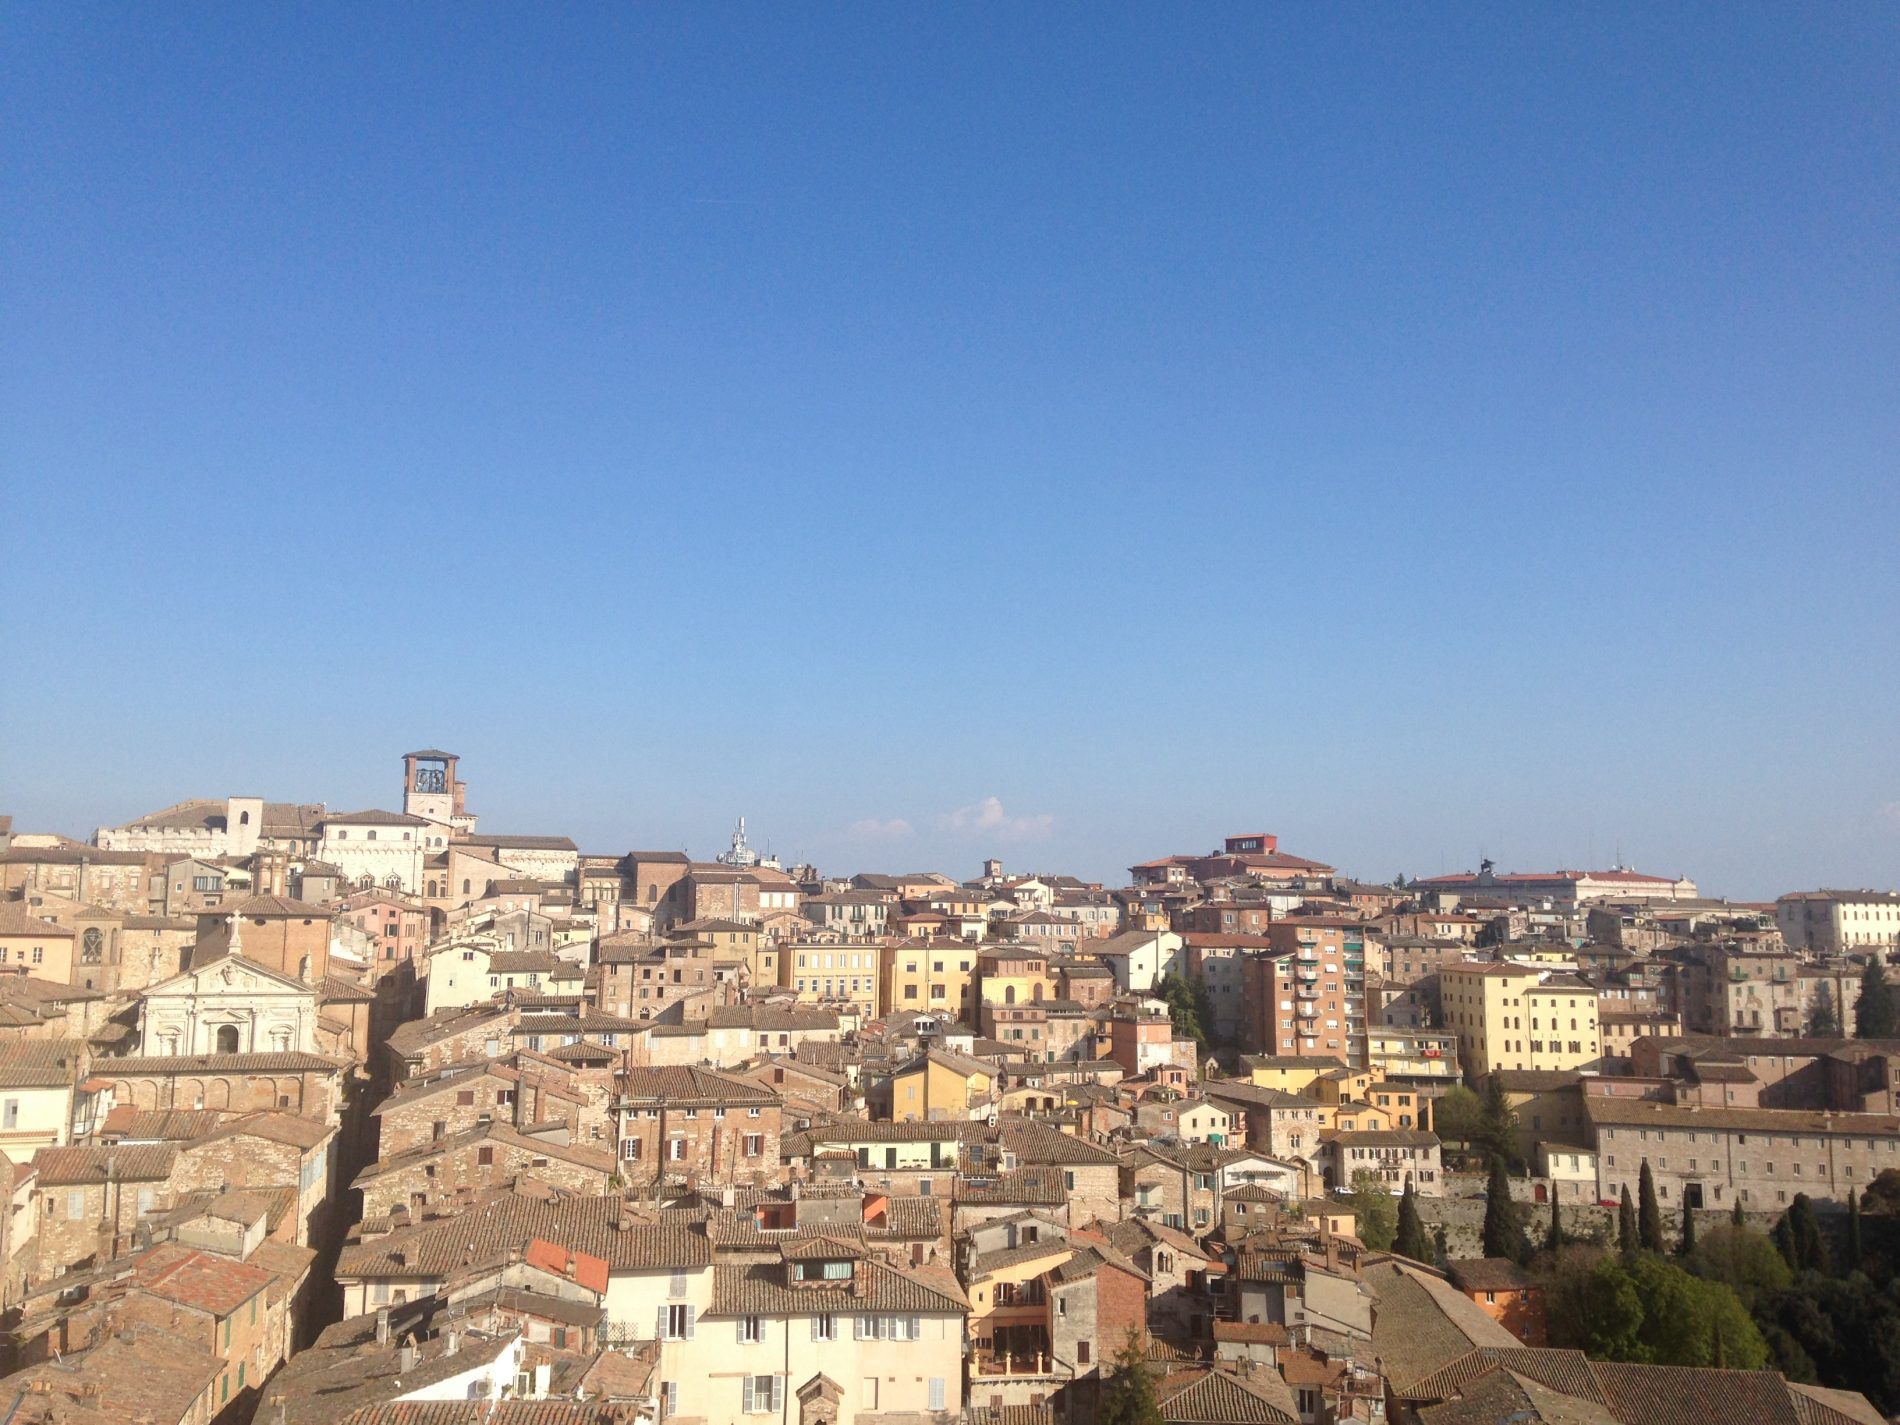 La vista mozzafiato sulla città di Perugia dall'alto della torre  @alessandra tarquini